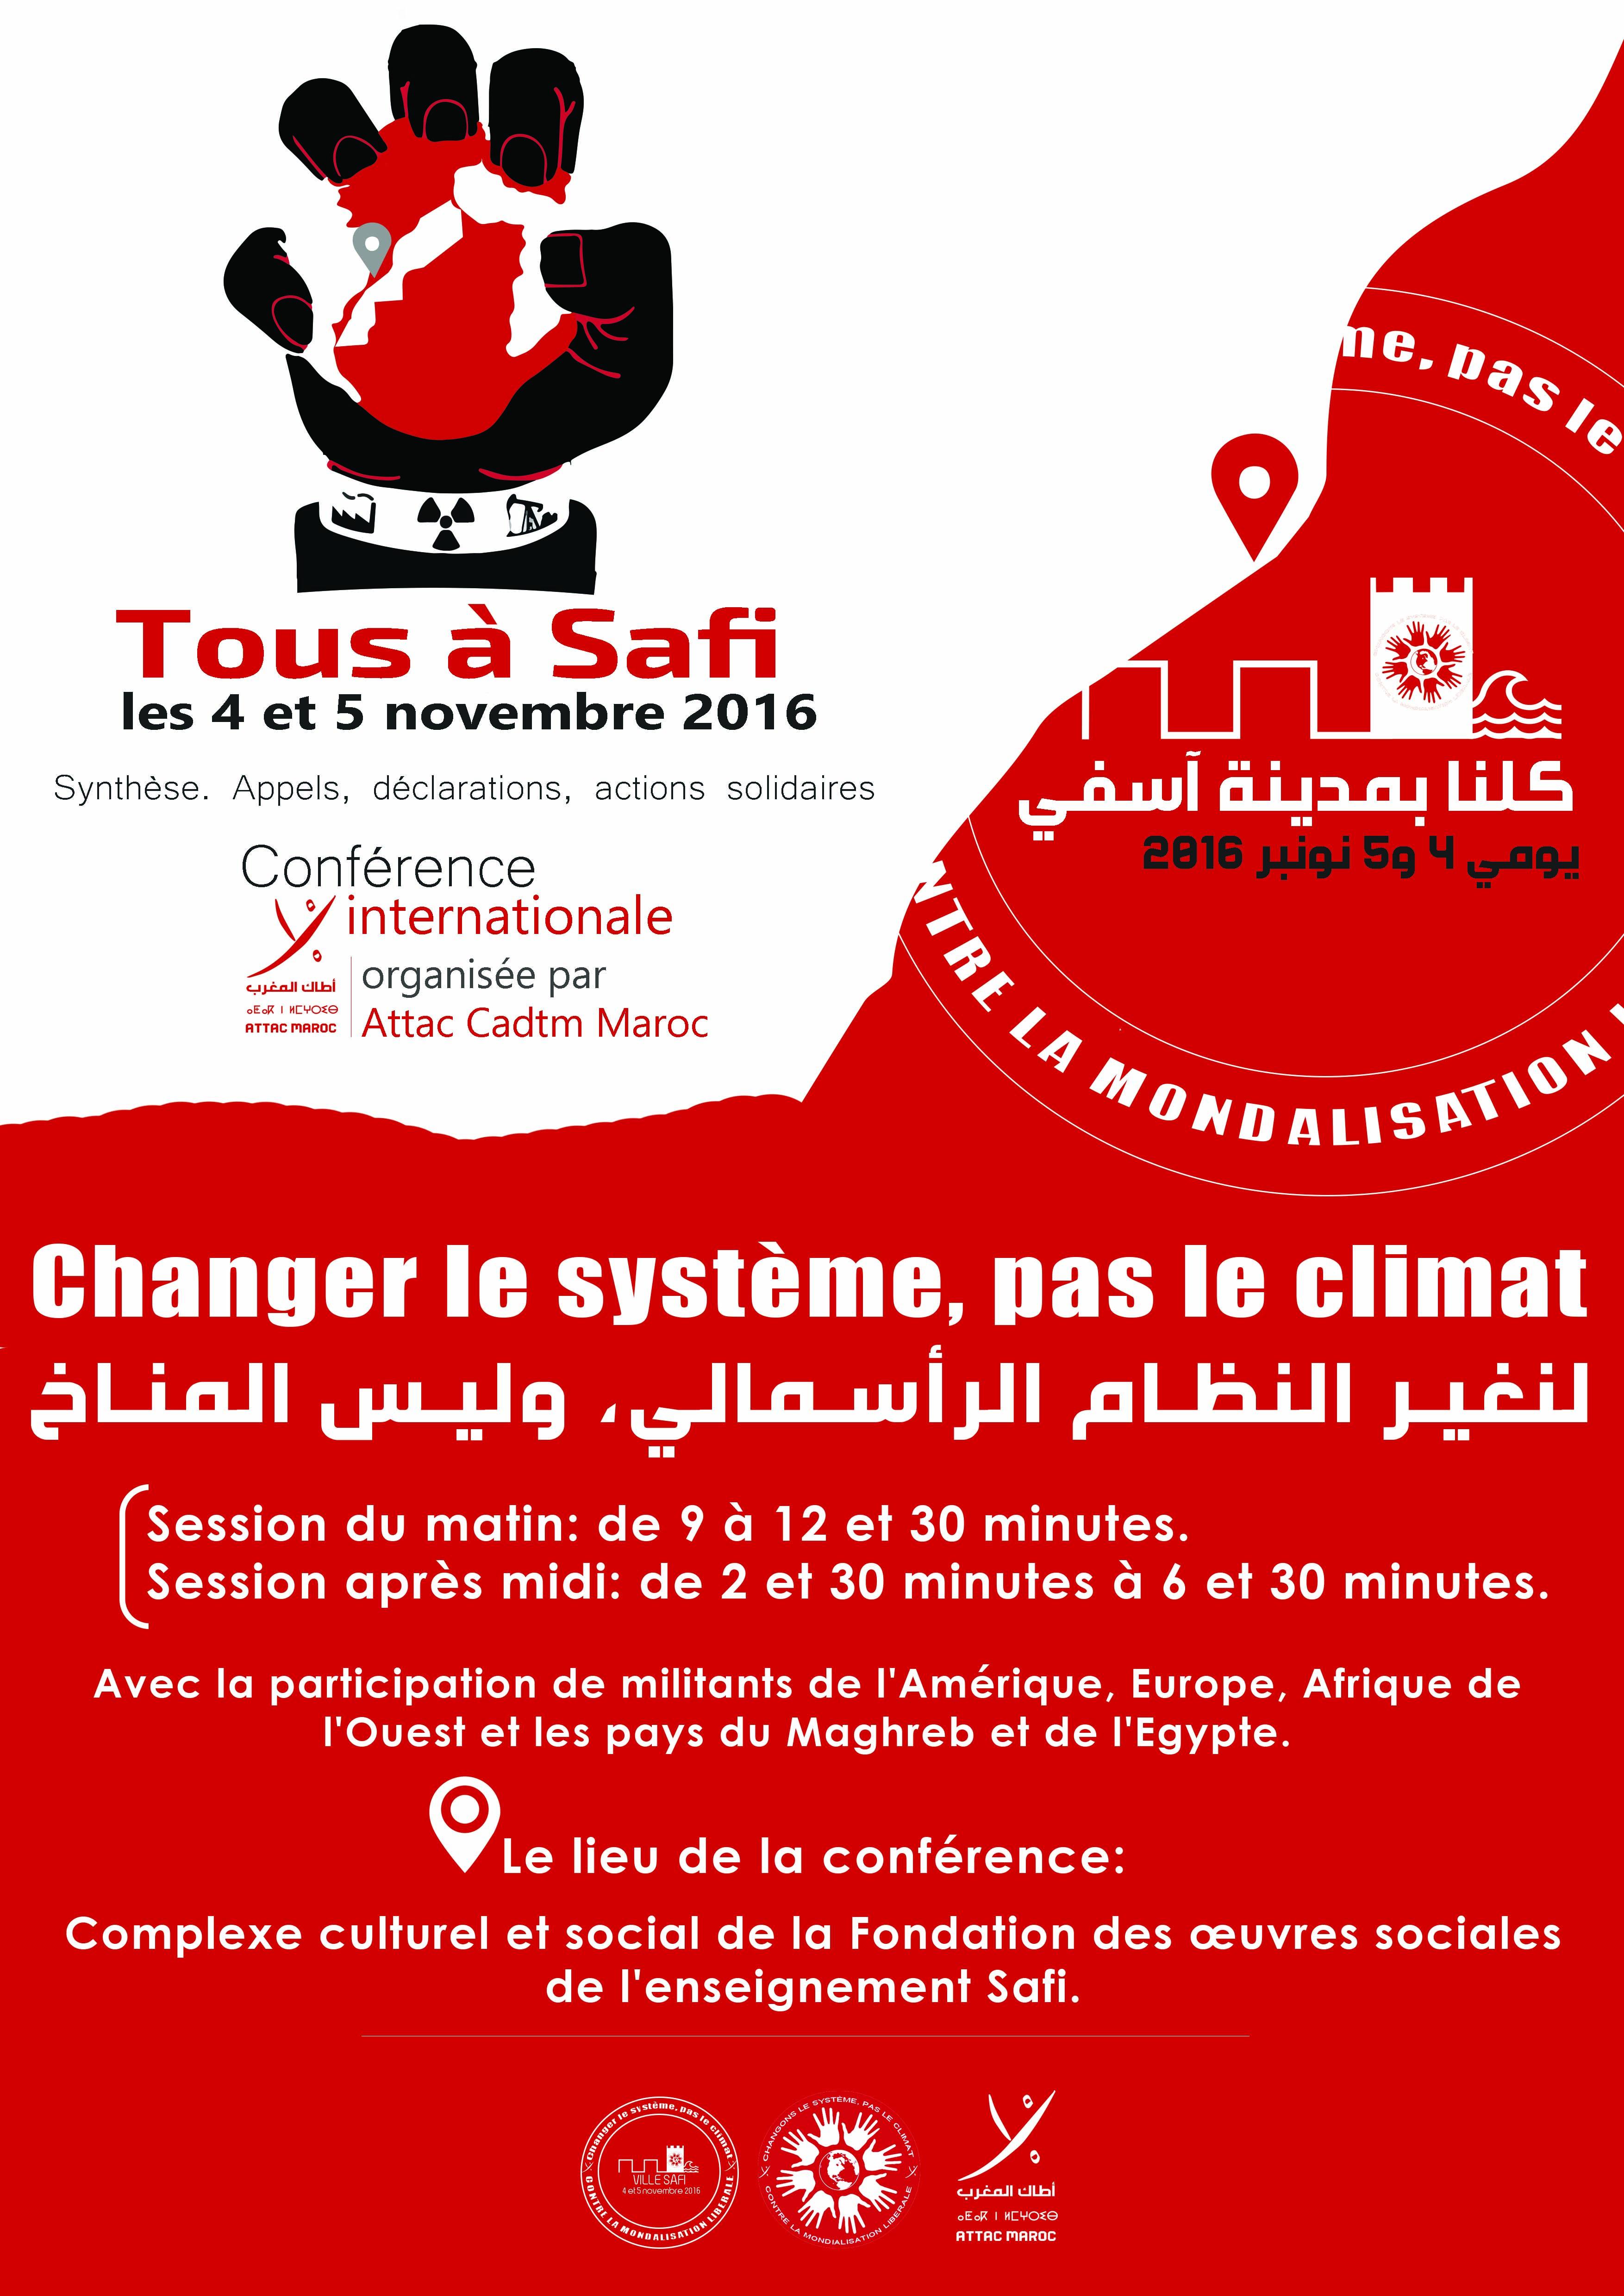 ATTAC CADTM Maroc organise deux journées de rencontres et mobilisation à Safi les 4 et 5 novembre 2016  sur le thème «Changer le système pas le climat ».